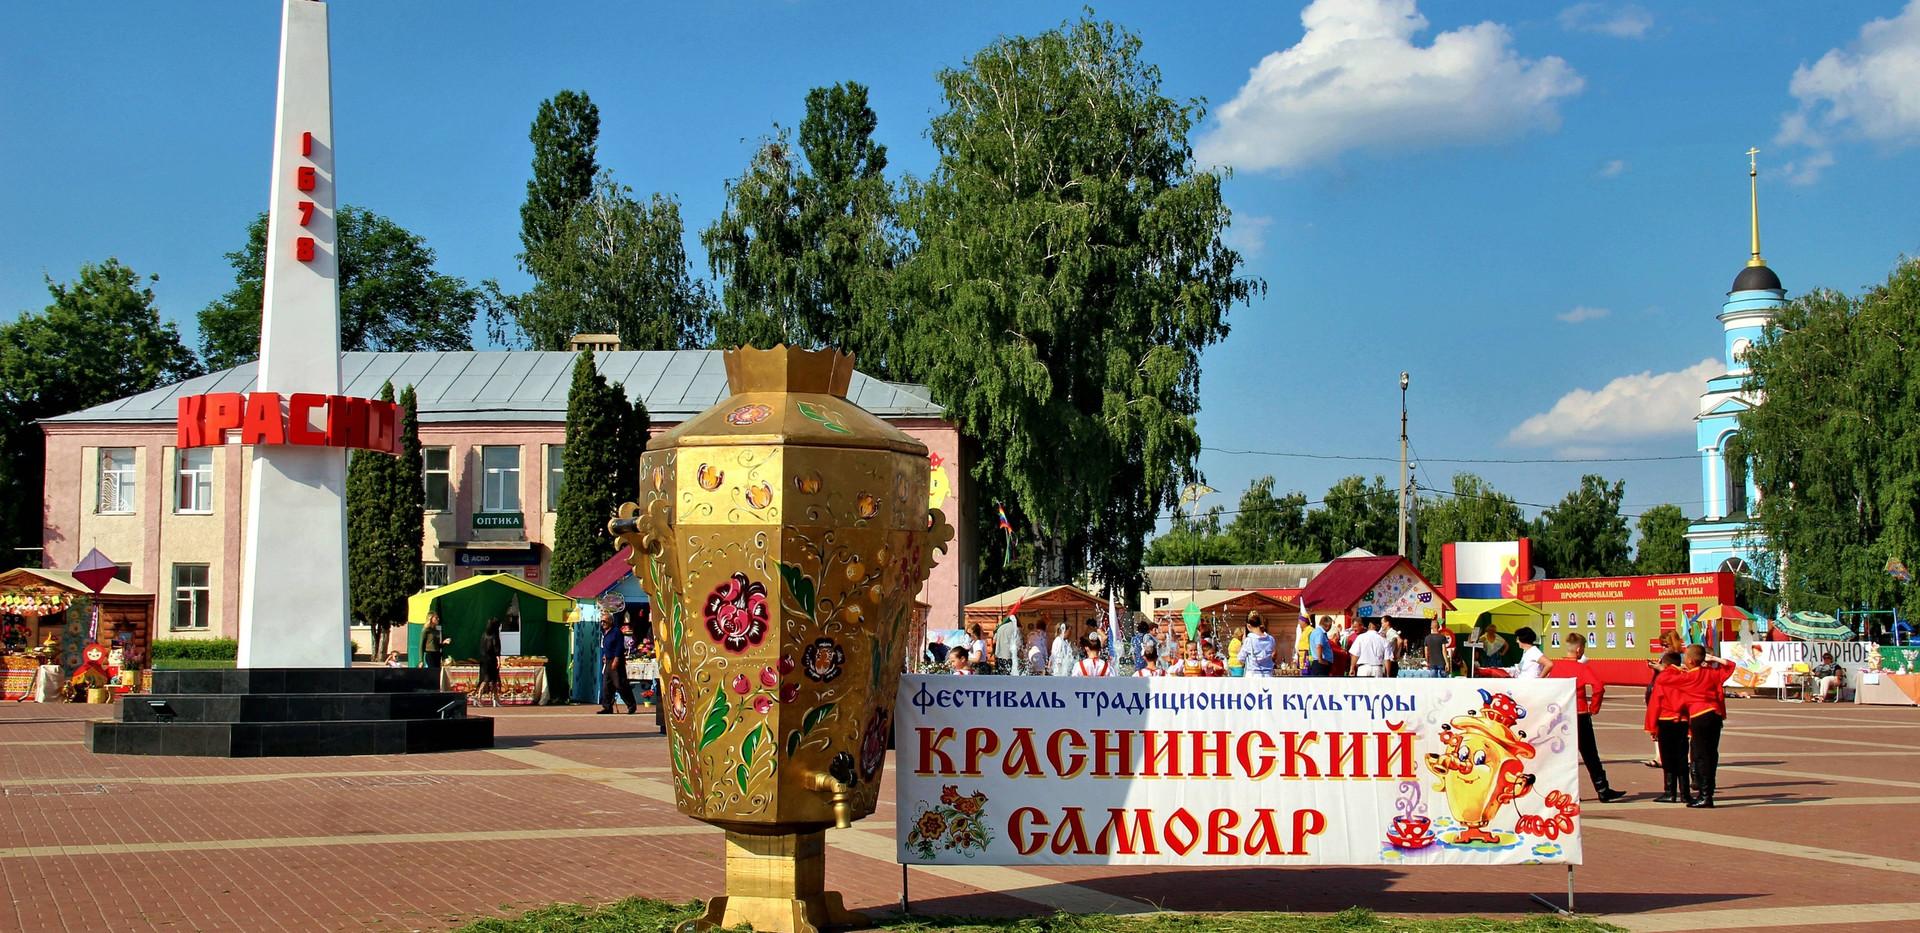 Краснинский самовар (15).jpg